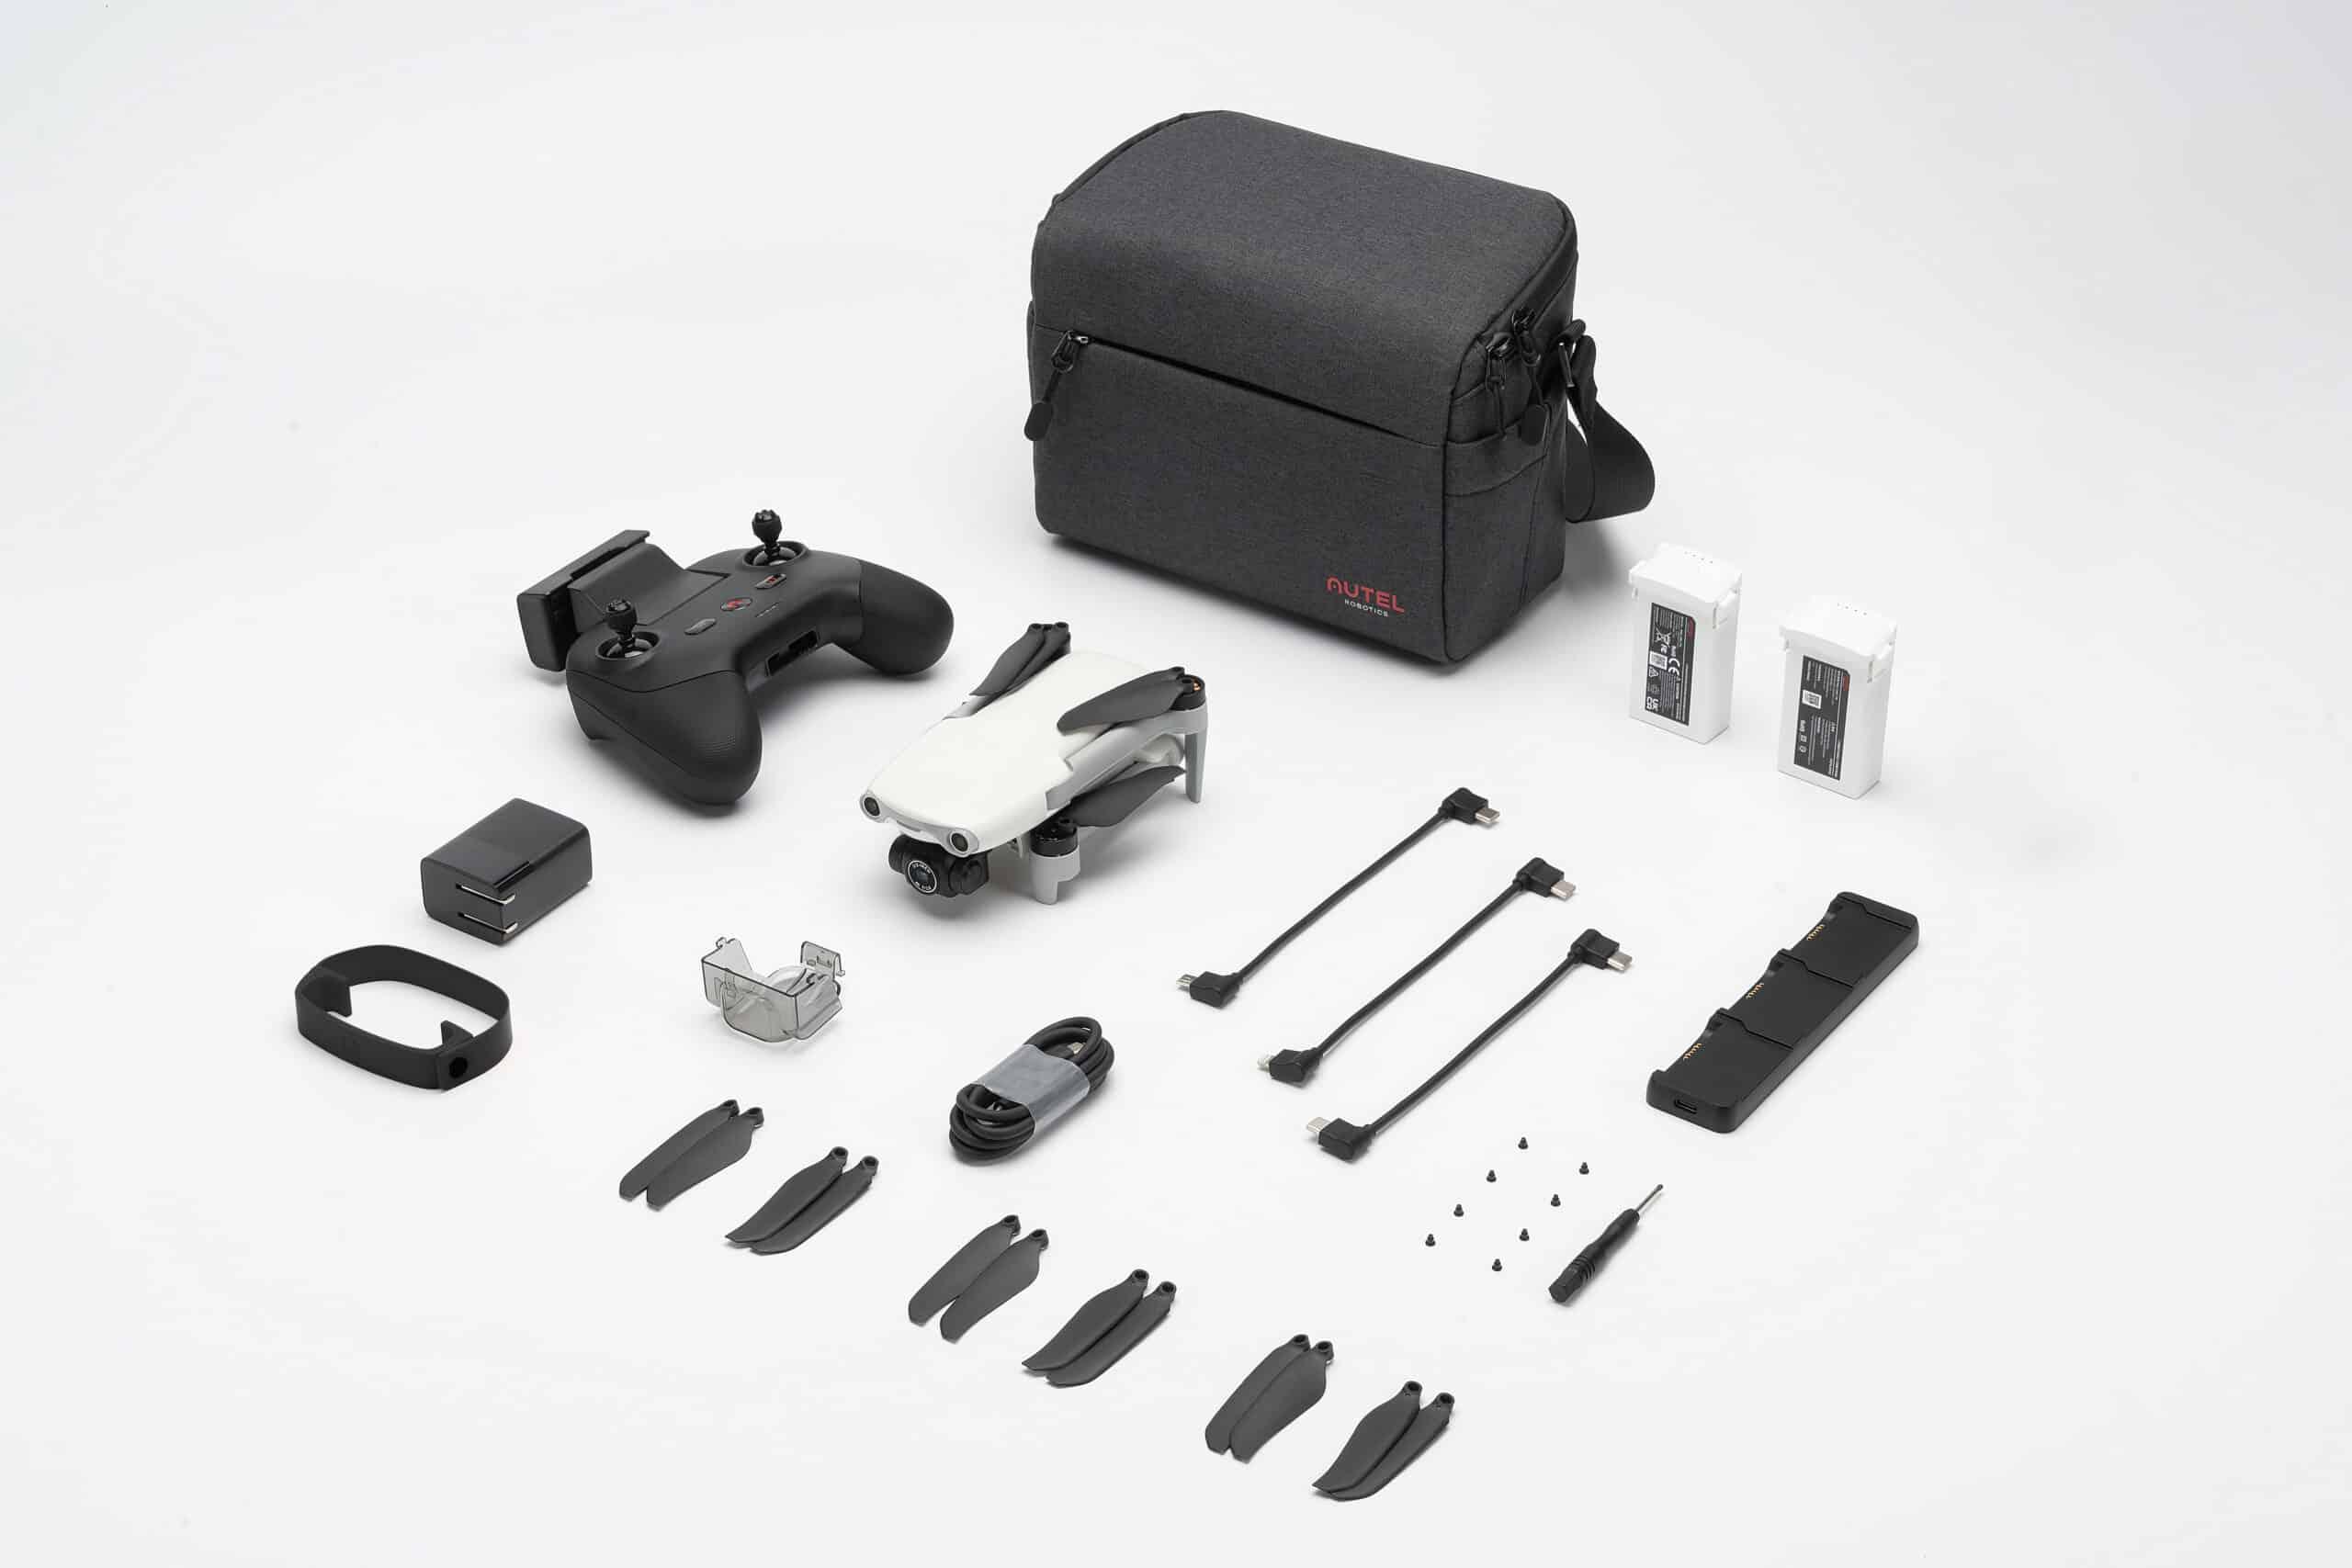 Autel Evo Nano Premium Bundle - In the Box